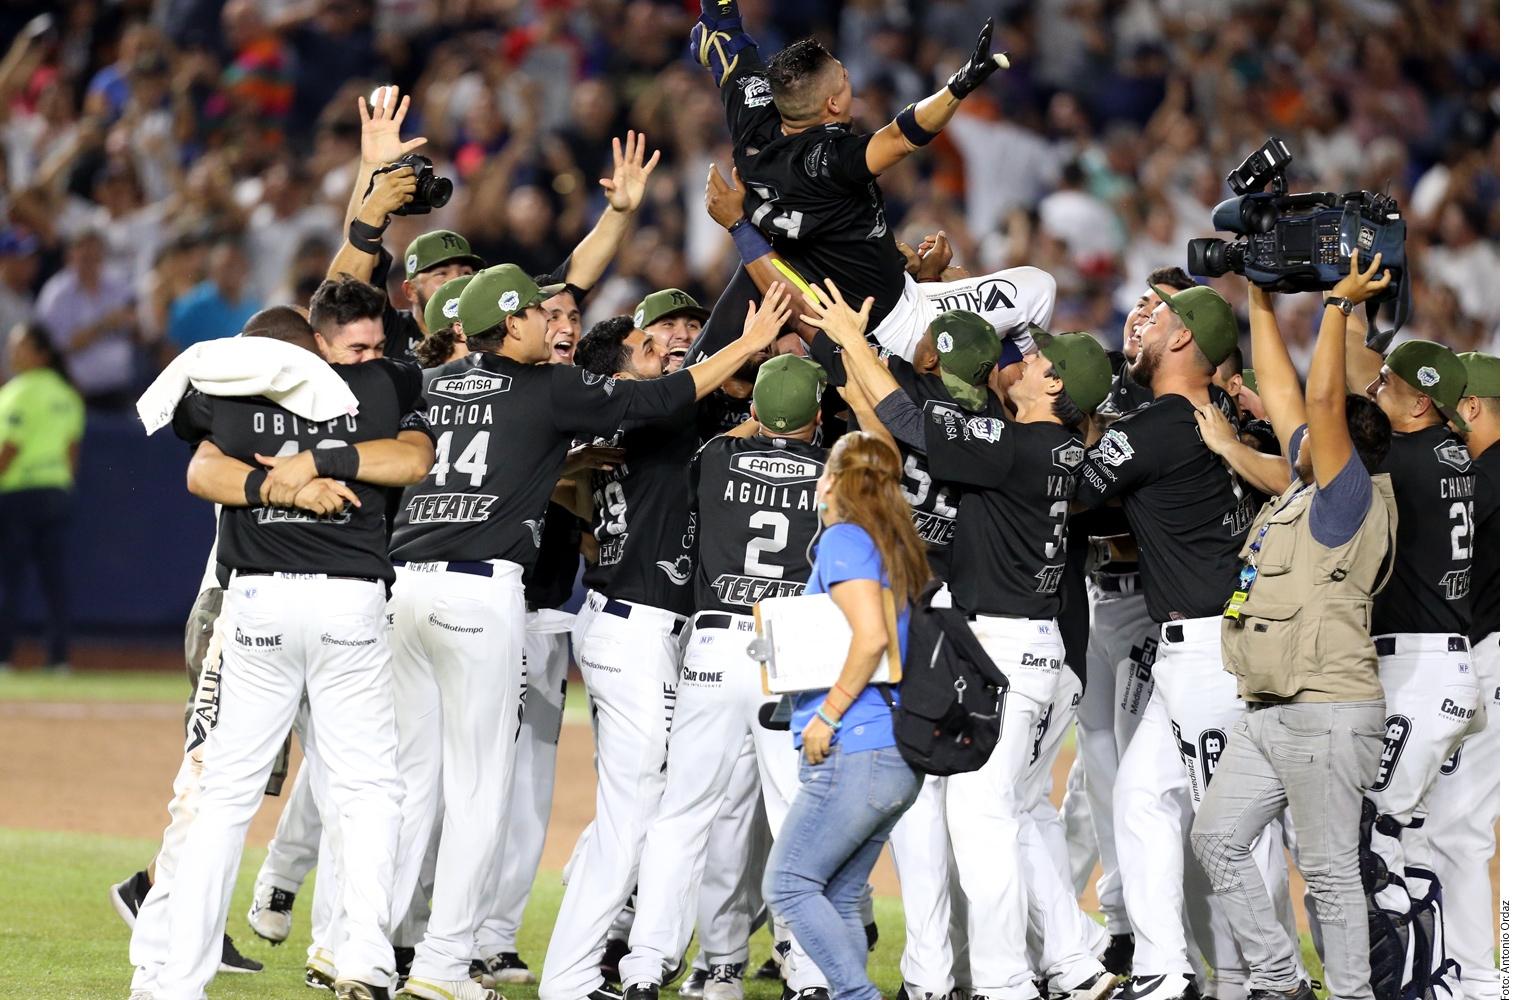 Sultanes de Monterrey, entre los más ganadores del beisbol en México